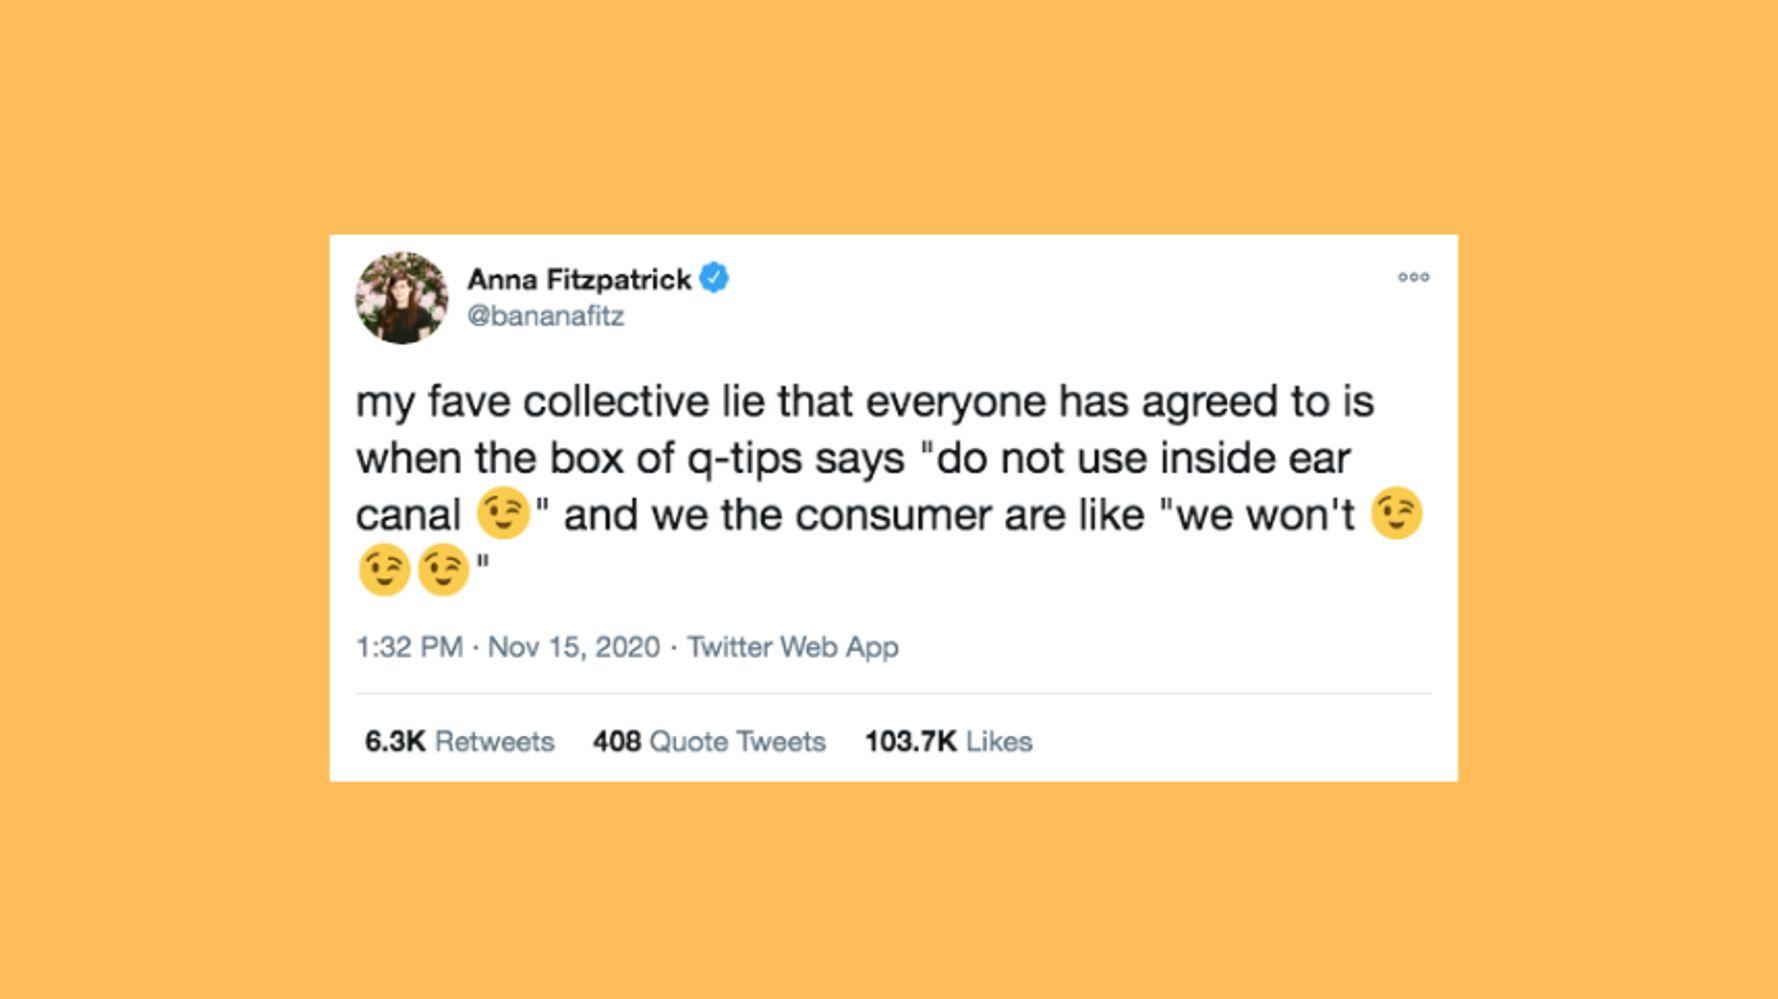 The 20 Funniest Tweets From Women This Week (Nov. 14-20)